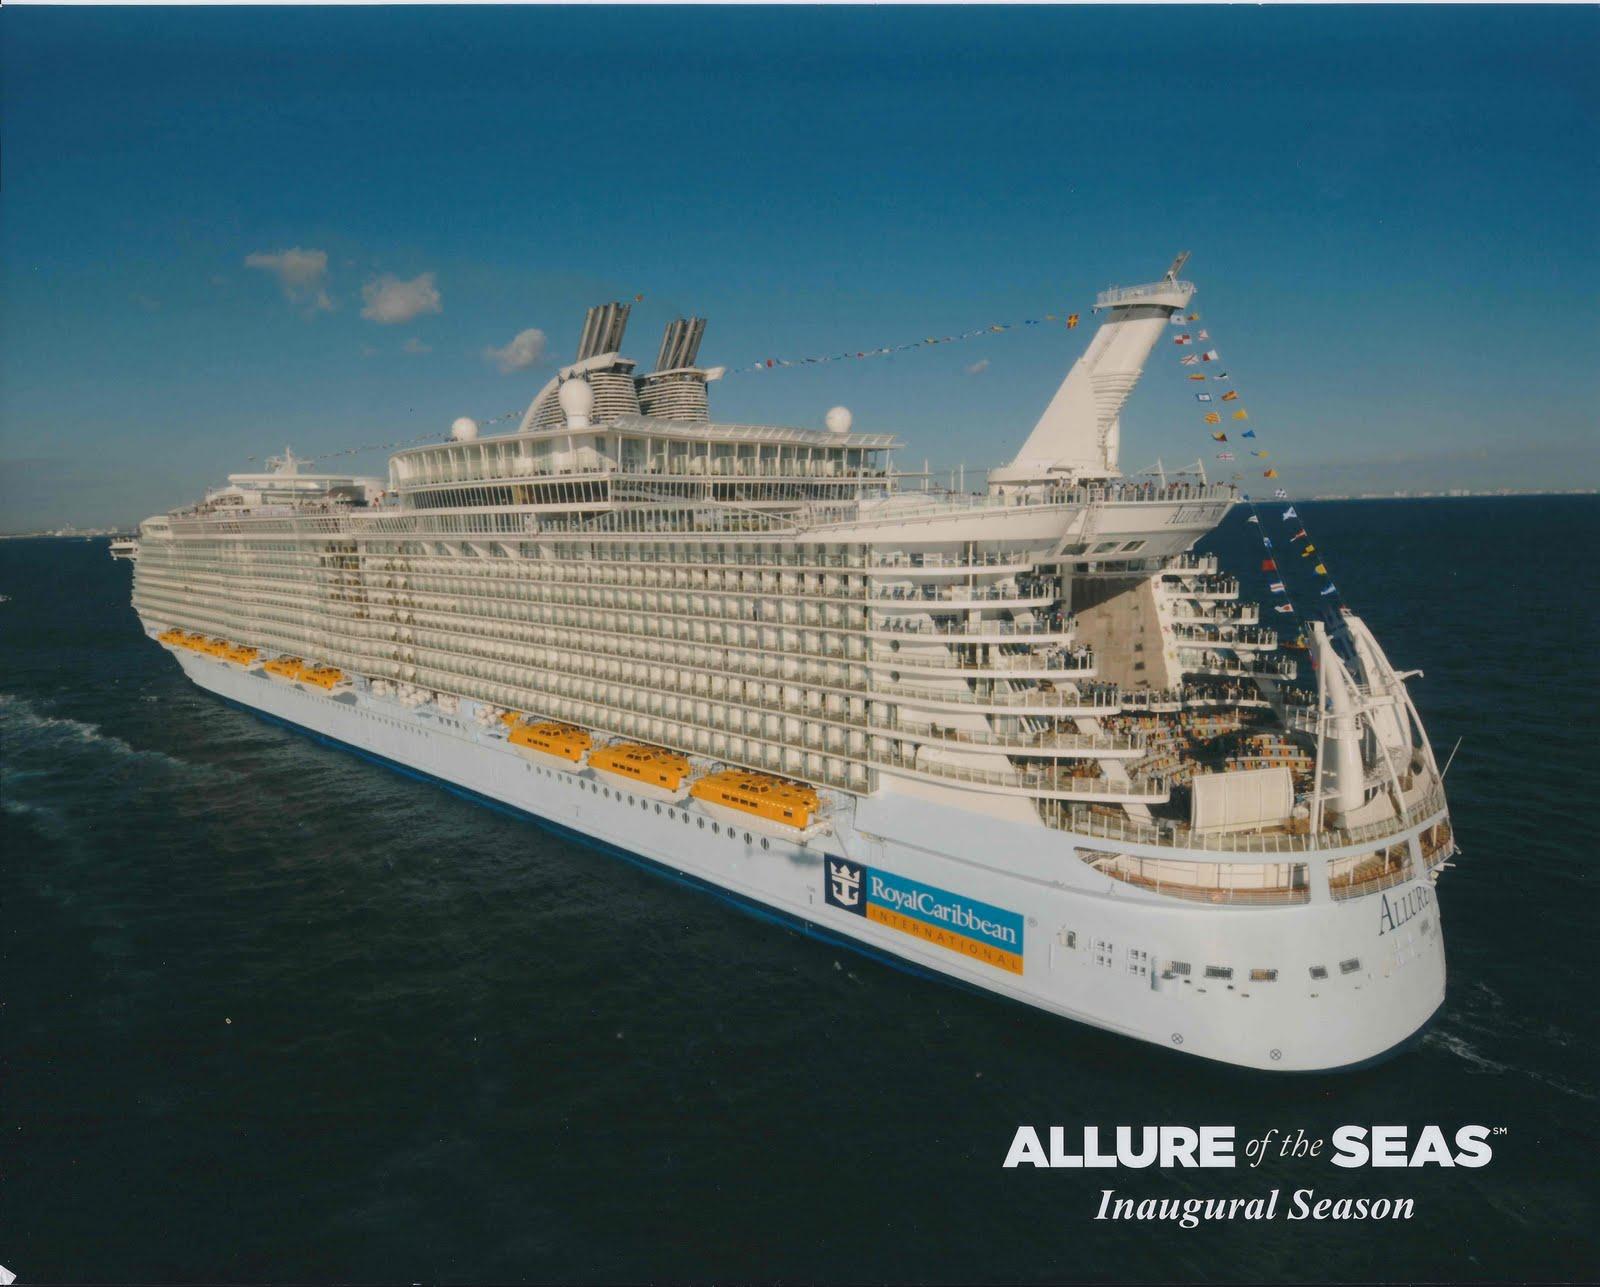 allure cruise line